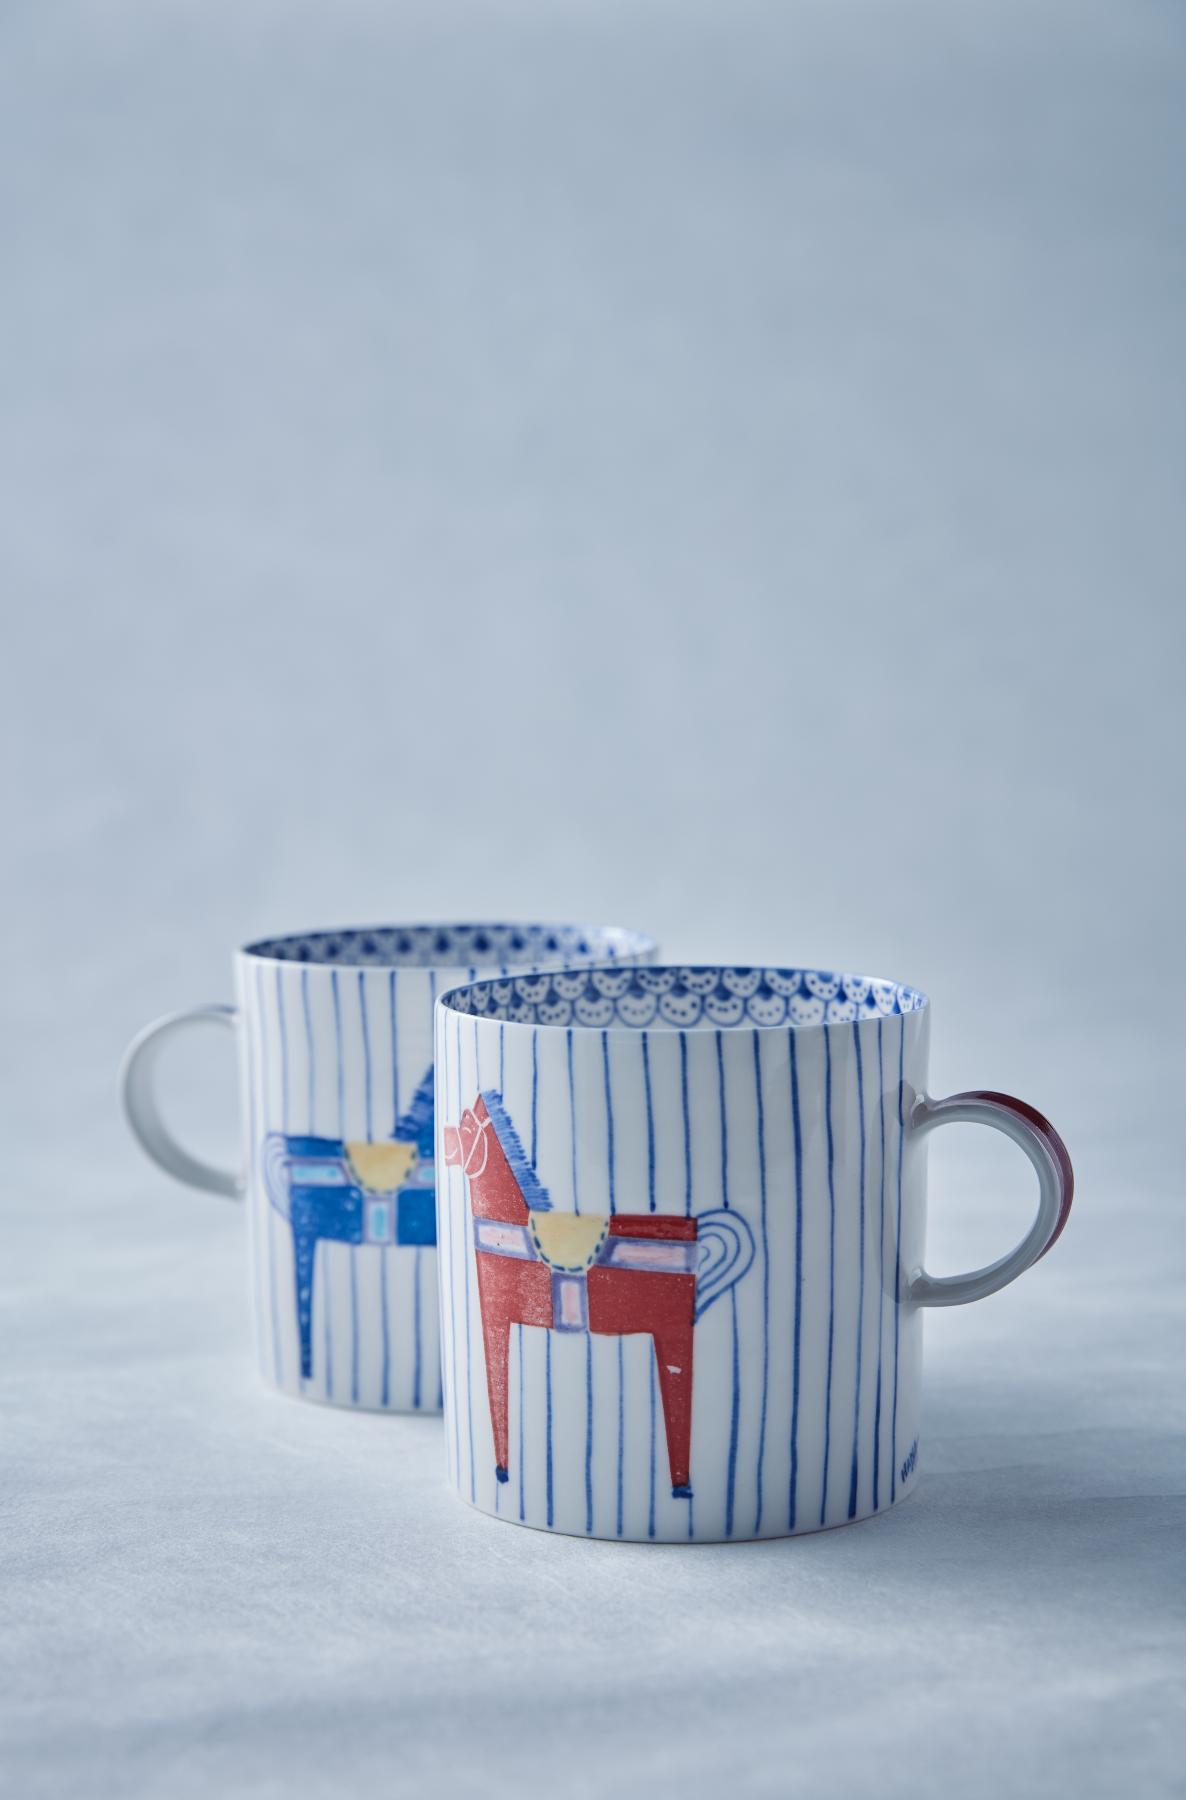 한주은, Cup, 10 x 10 x 11 cm, Porcelain, 20